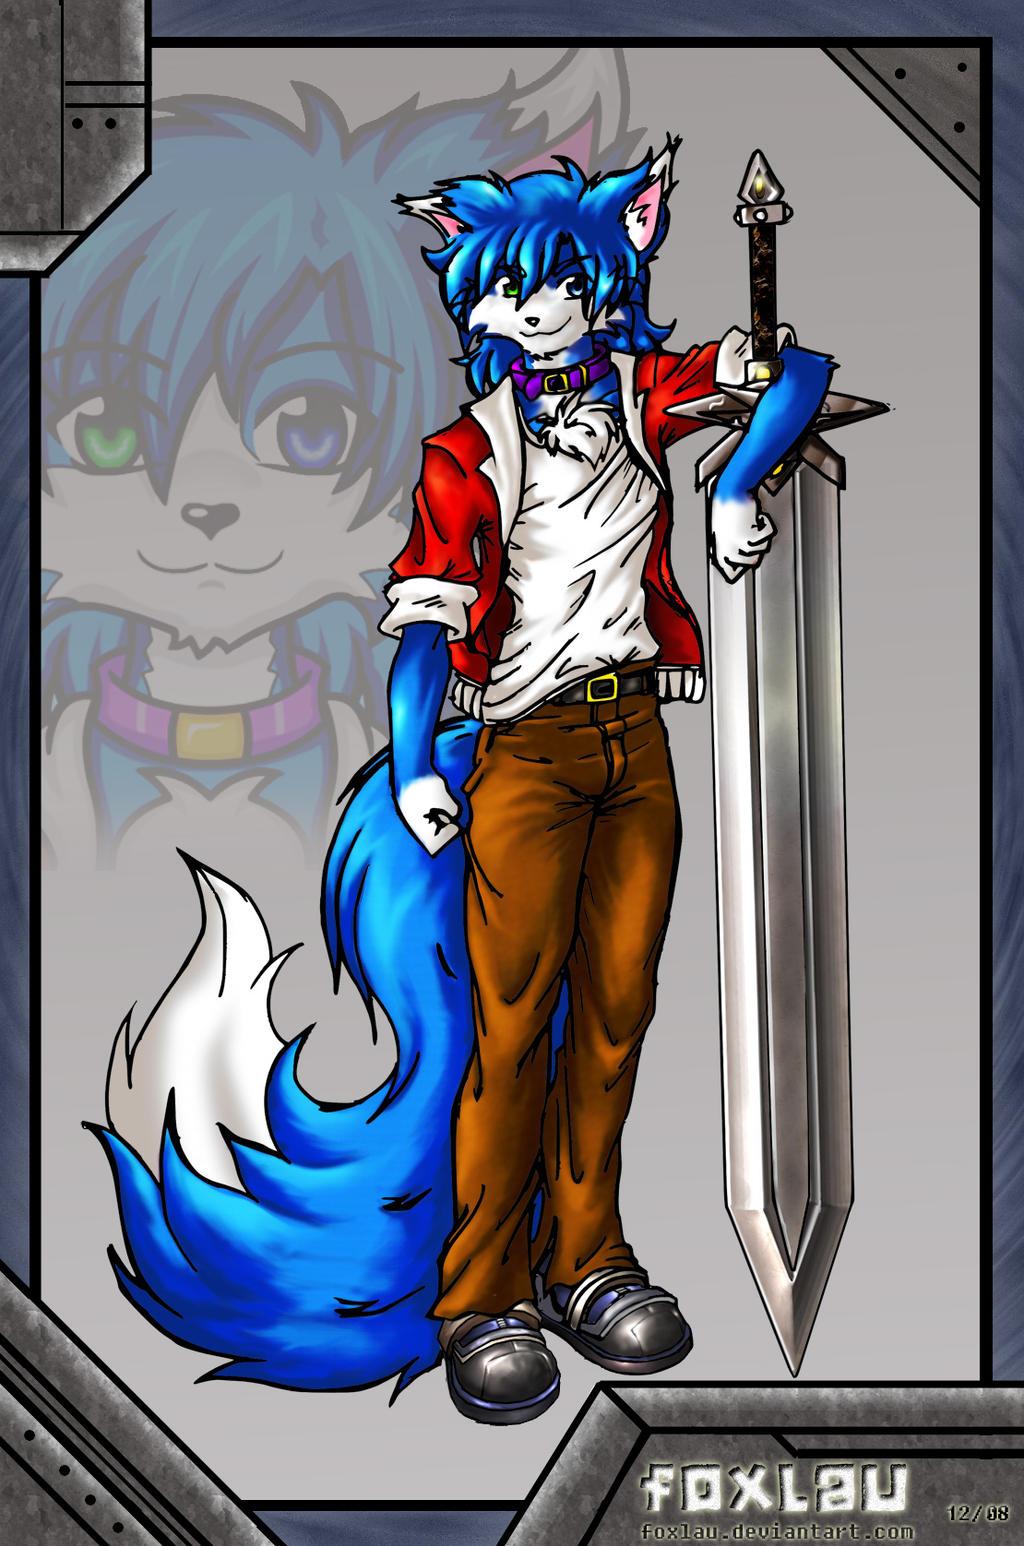 Foxlau - Metal by foxlau